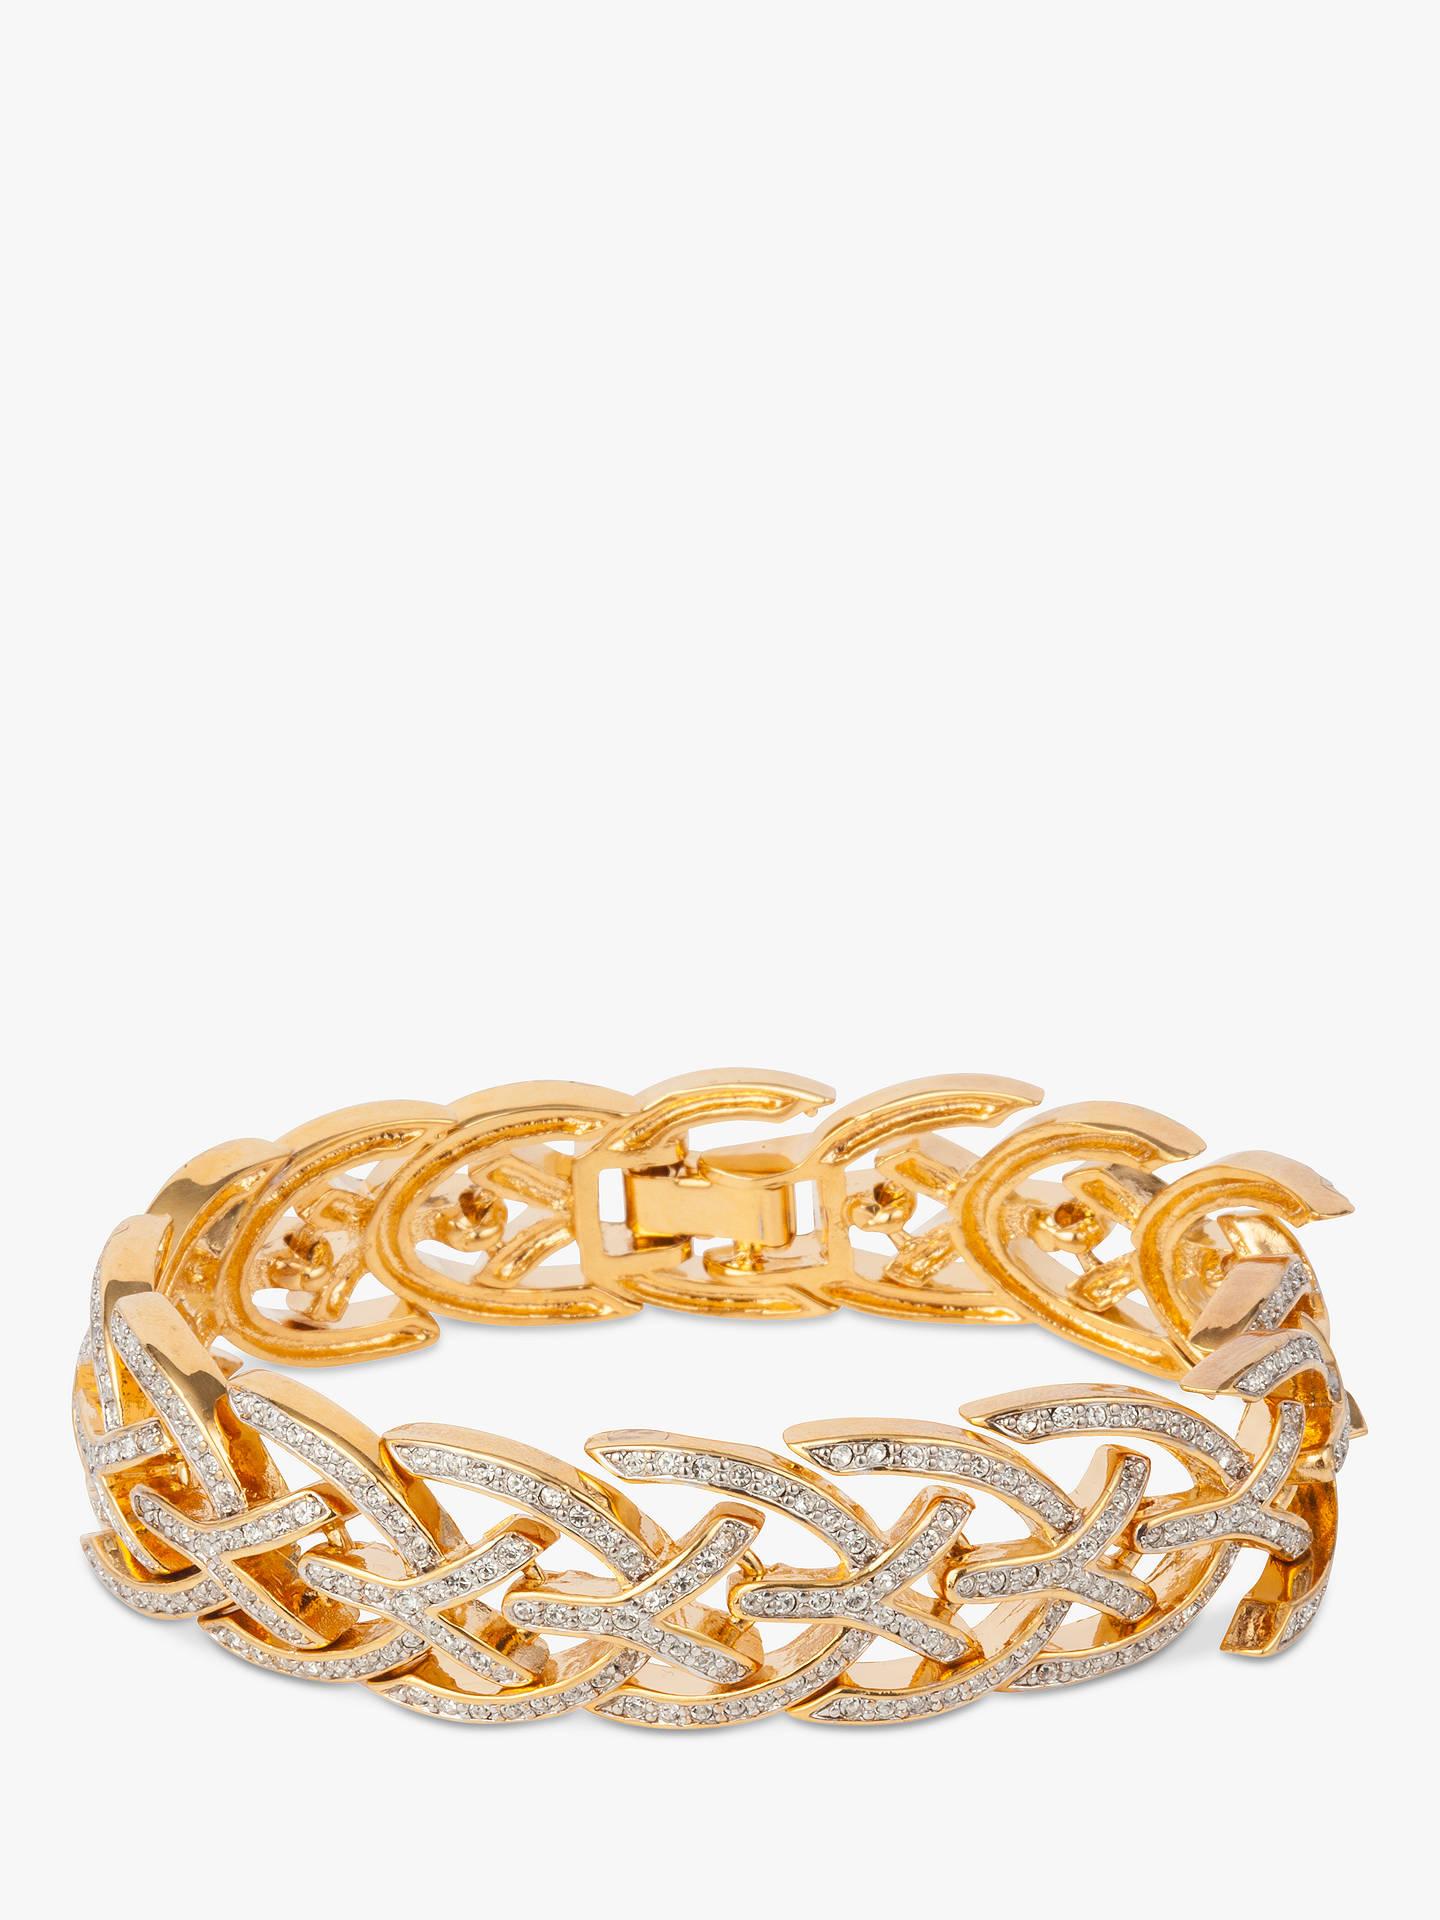 3f0f640fd91d Buy Susan Caplan Vintage D Orlan 22ct Gold Plated Swarovski Crystal Bracelet